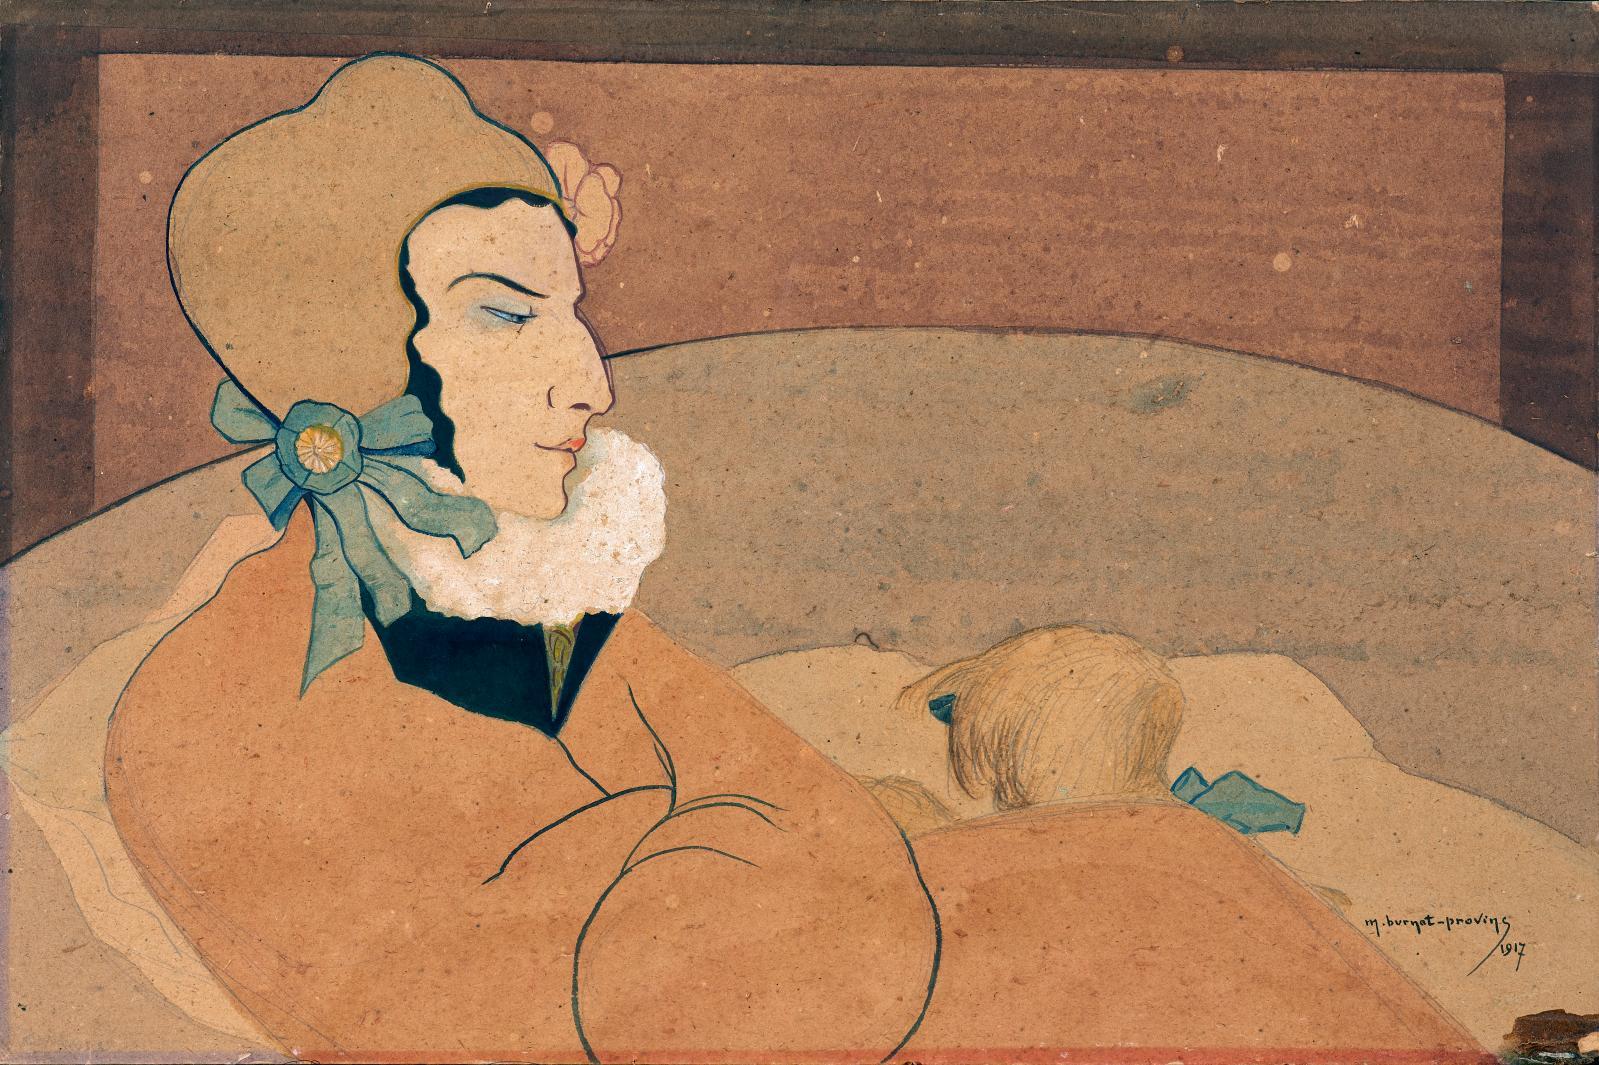 Meanglalierce l'indifférente, 1917, gouache et aquarelle sur trait de mine de plomb avec rehauts de blanc, sur carton, 40,5x60cm. © Gal